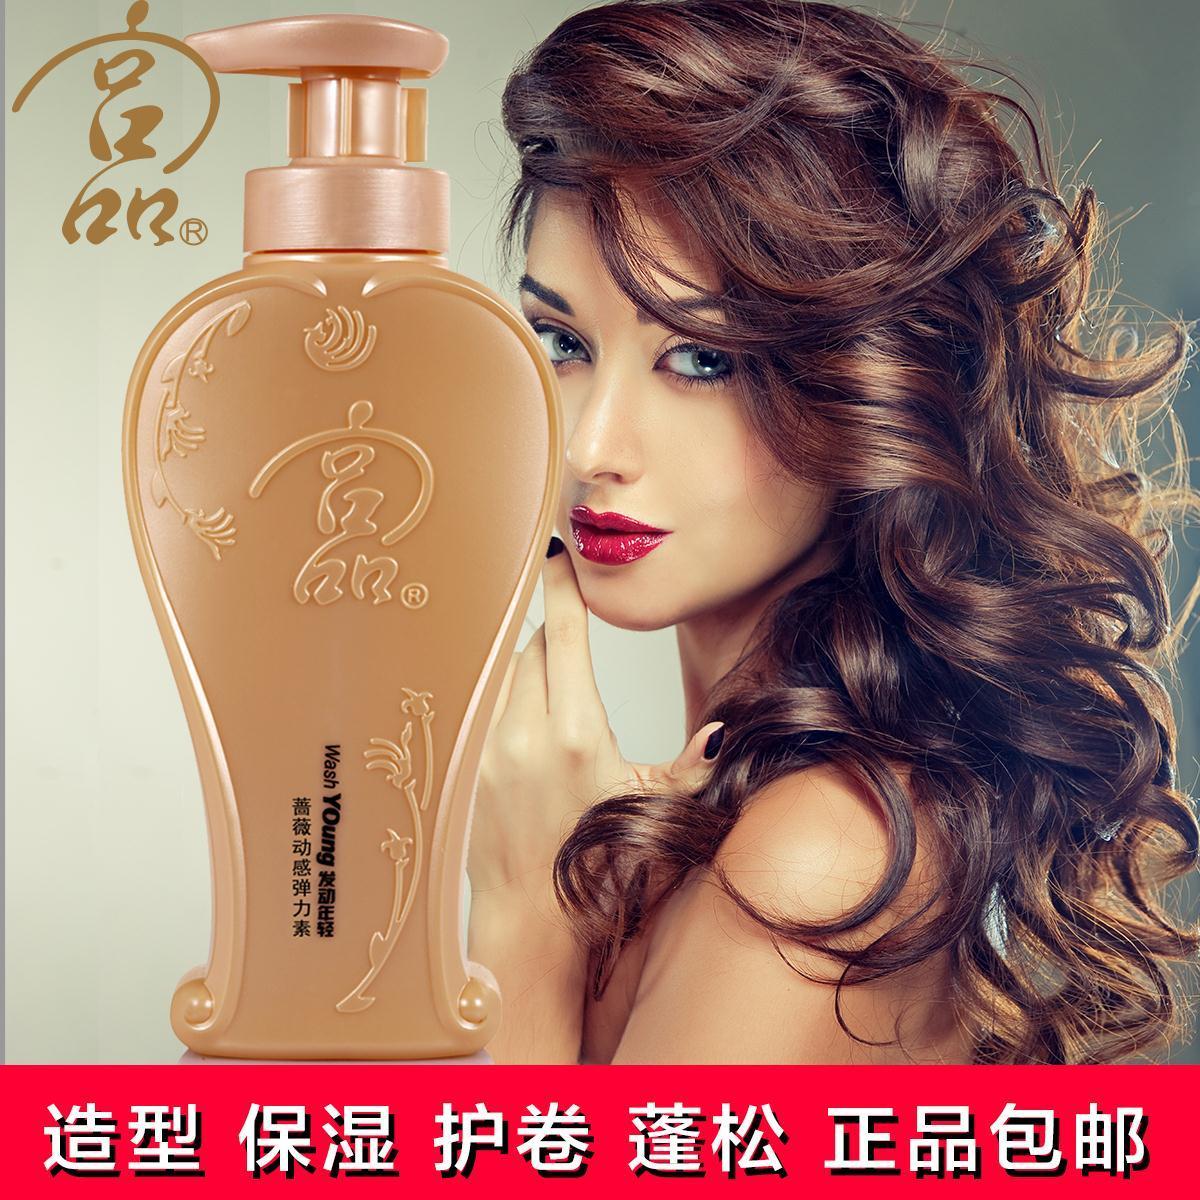 彈力素 宮品薔薇動感彈力素300ml保溼定型亮澤補水有彈性持久護髮